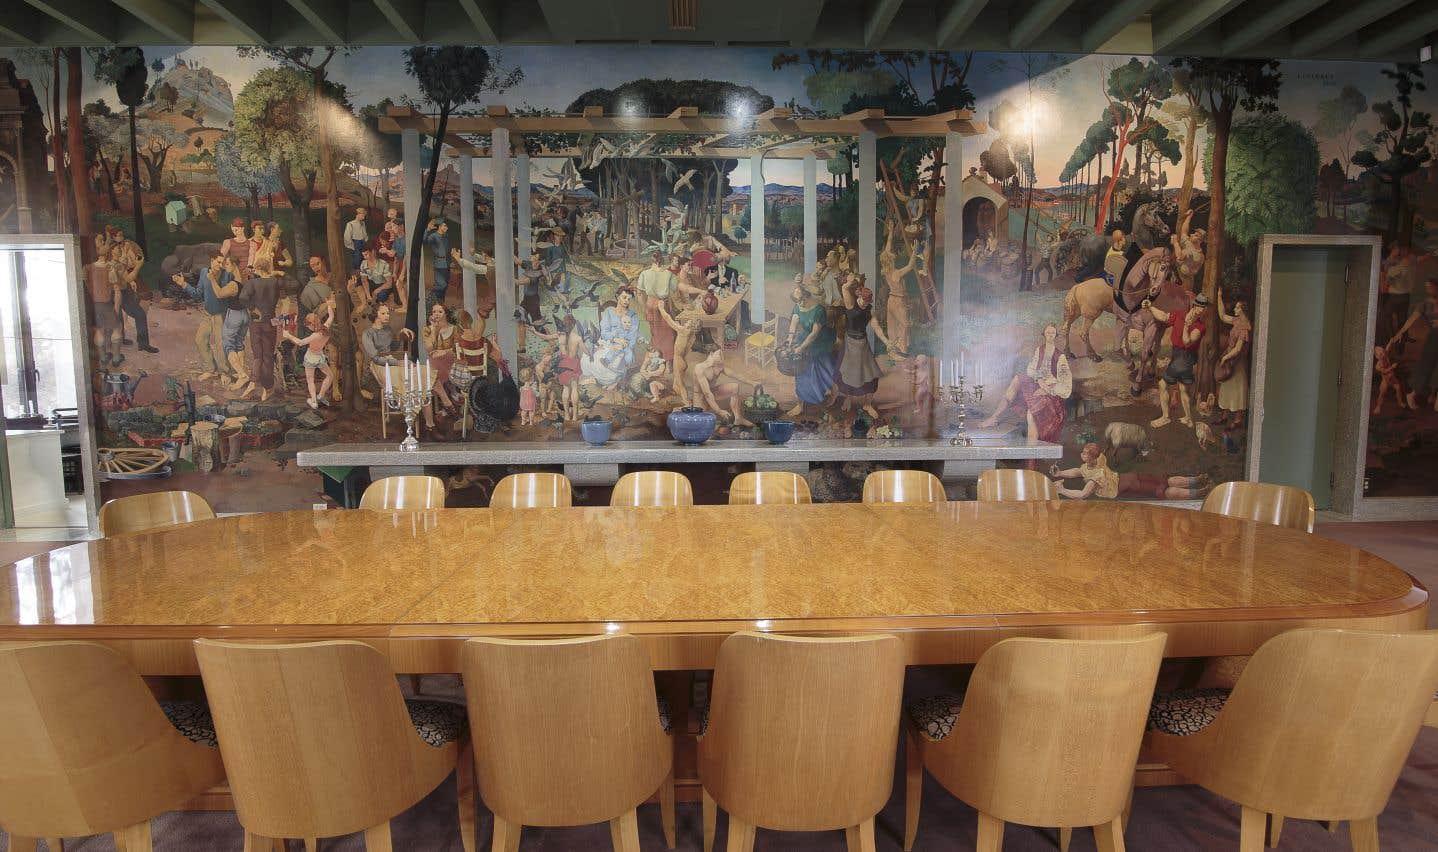 La fameuse peinture murale d'Alfred Courmes dans la salle à manger. Elle a été redécouverte en 1984, après qu'on ait patiemment retiré la peinture dont elle avait été enduite quelque part dans les années 1950 ou 1960 (un mystère demeure à ce sujet).